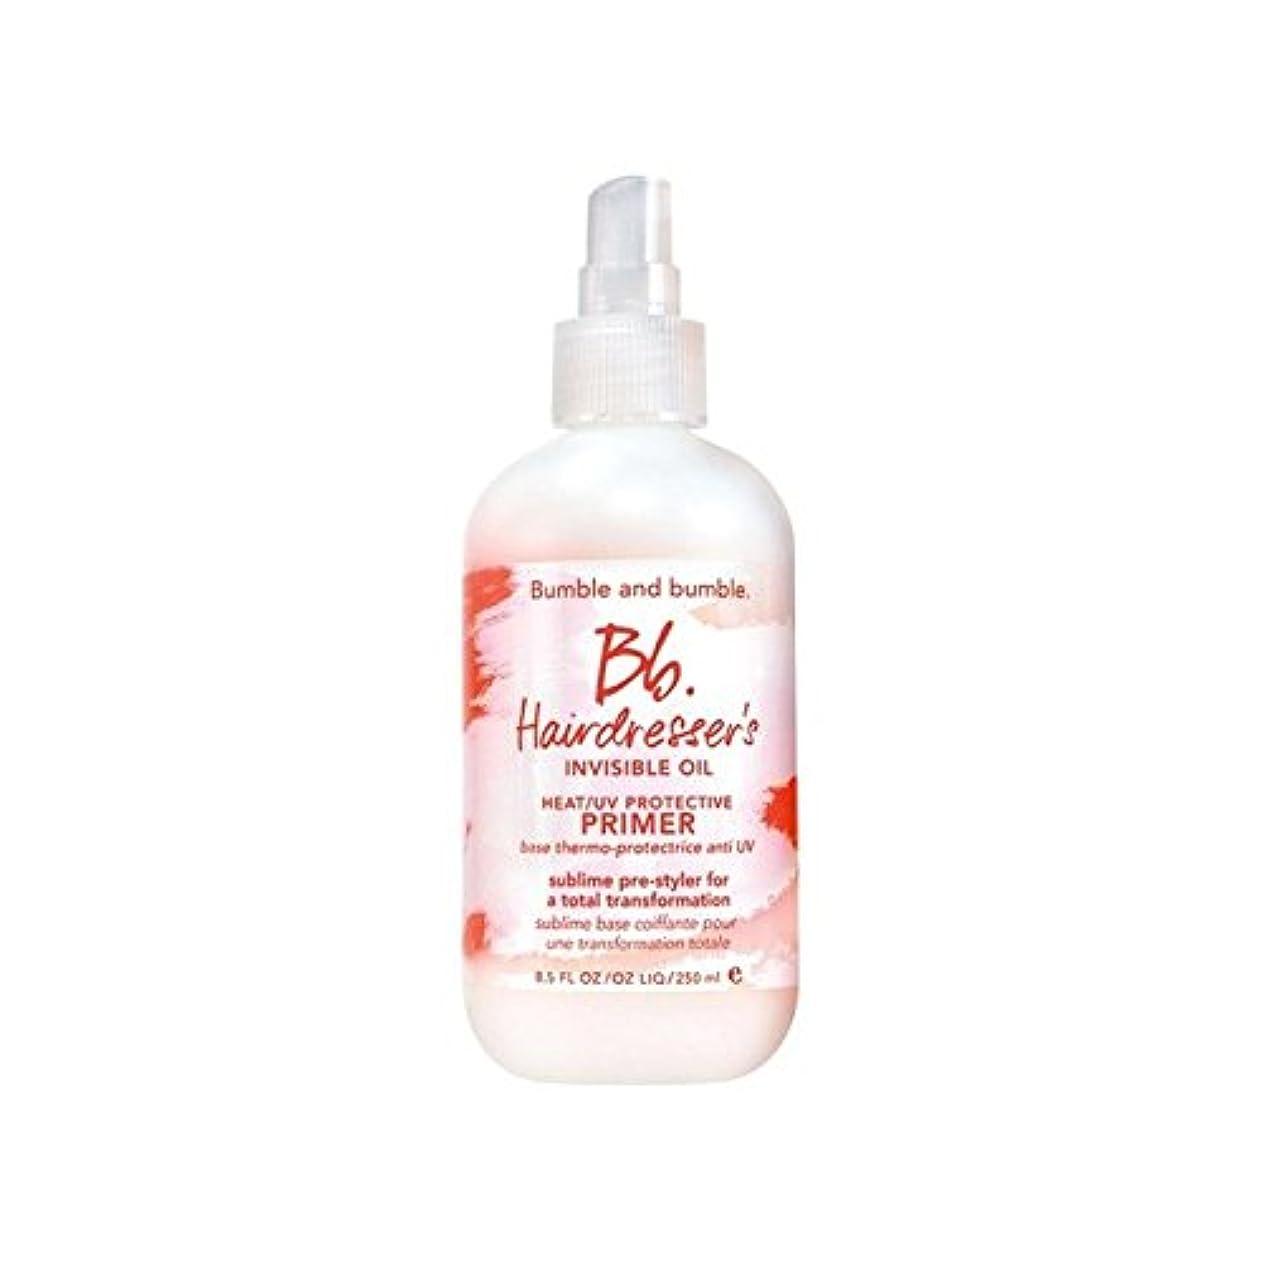 真実ライム前投薬Bumble & Bumble Hairdressers Invisible Oil Heat/Uv Protective Primer (250ml) - 美容見えないオイル熱/ 保護プライマー(250ミリリットル)...